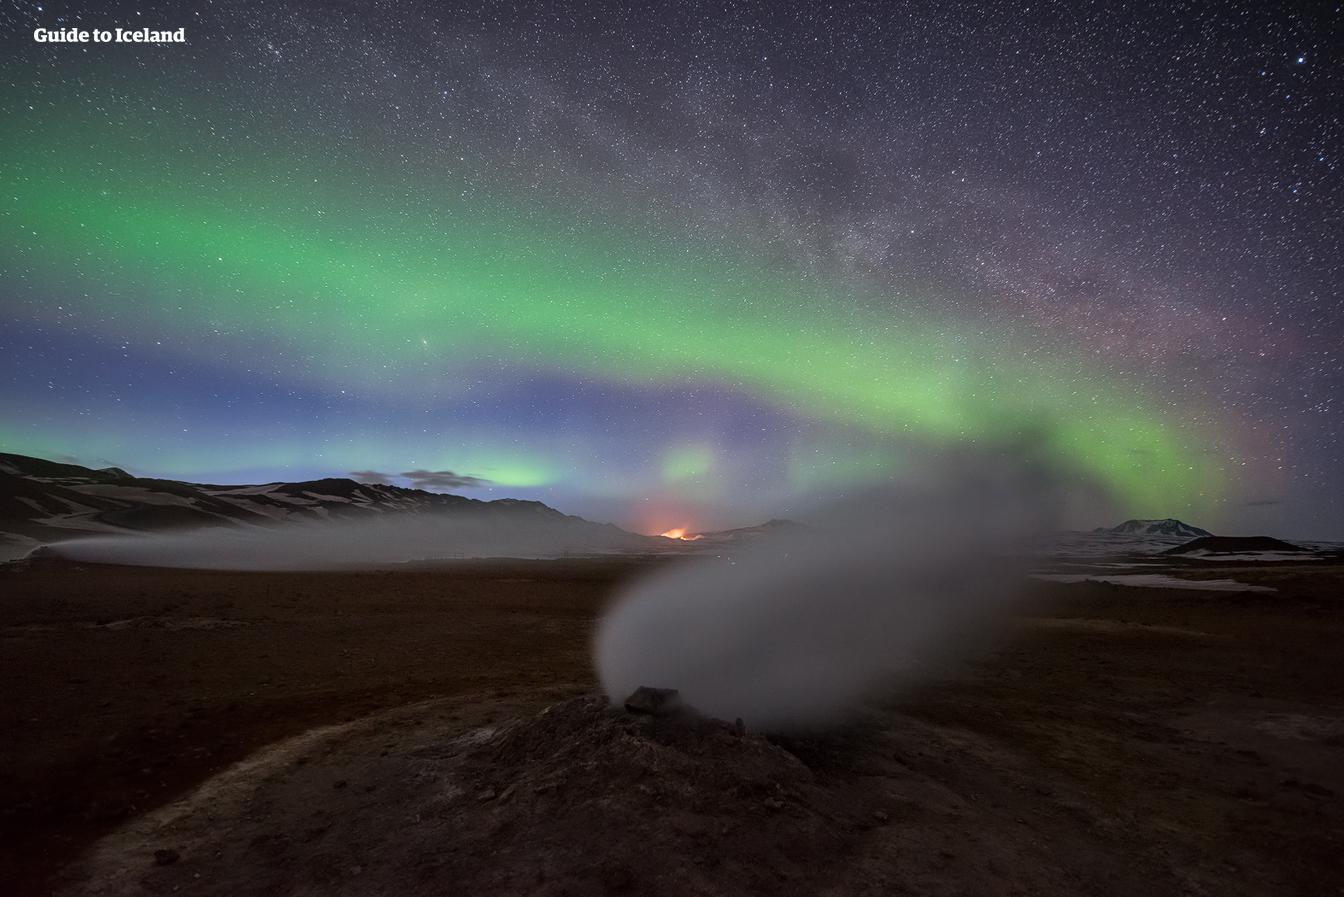 Bei der Schlucht Grjotagja handelt es sich um ein geothermales Phänomen in der Nähe des Sees Myvatn im Norden Islands und sie ist ganzjährig zugänglich.